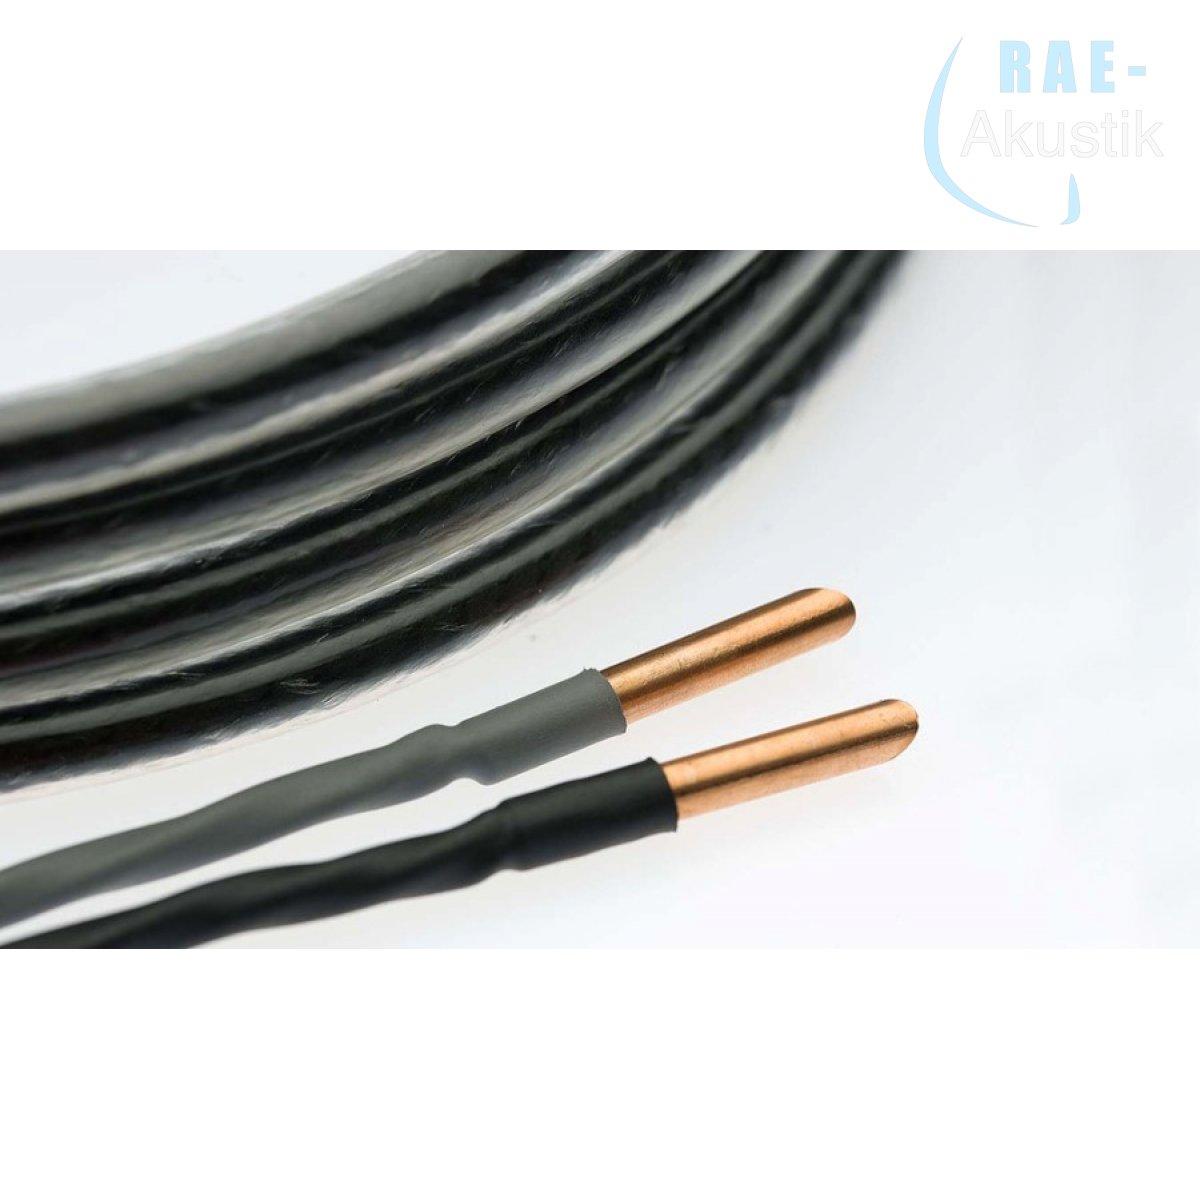 Silent WIRE LS 6 Lautsprecherkabel, schwarz, 6 x 0,5mm², ab 1,00